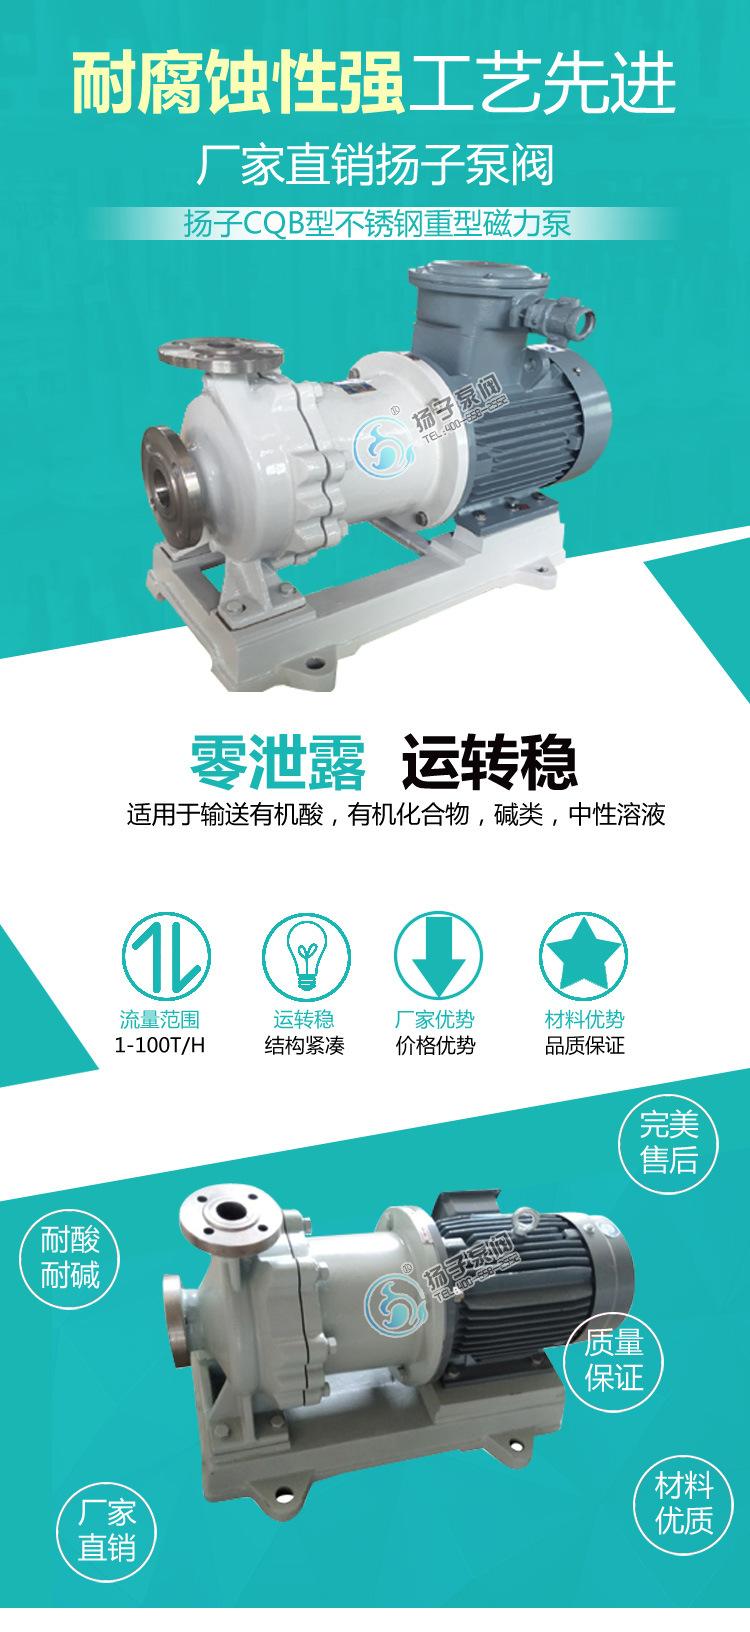 厂家直销 国内磁力泵 防爆不锈钢 耐腐蚀磁力泵 CQB80-65-160P示例图1